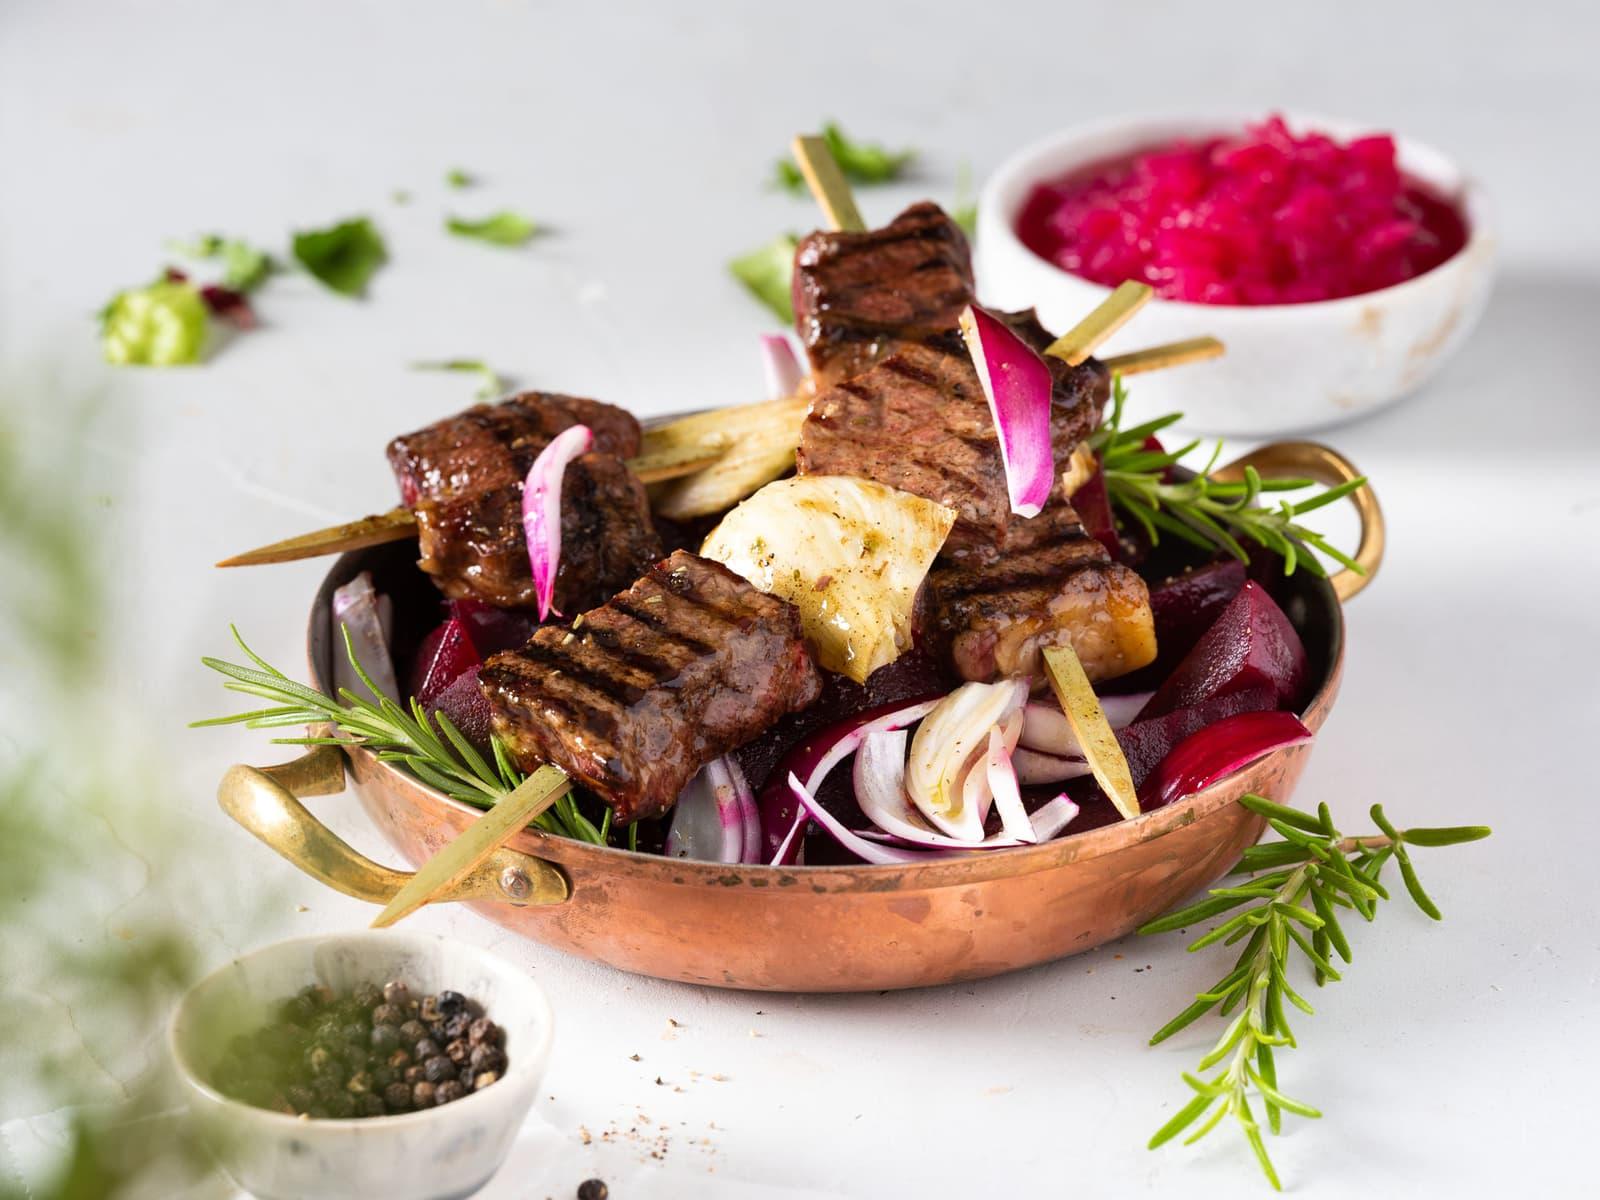 Grillspyd med marinert biff og fennikel